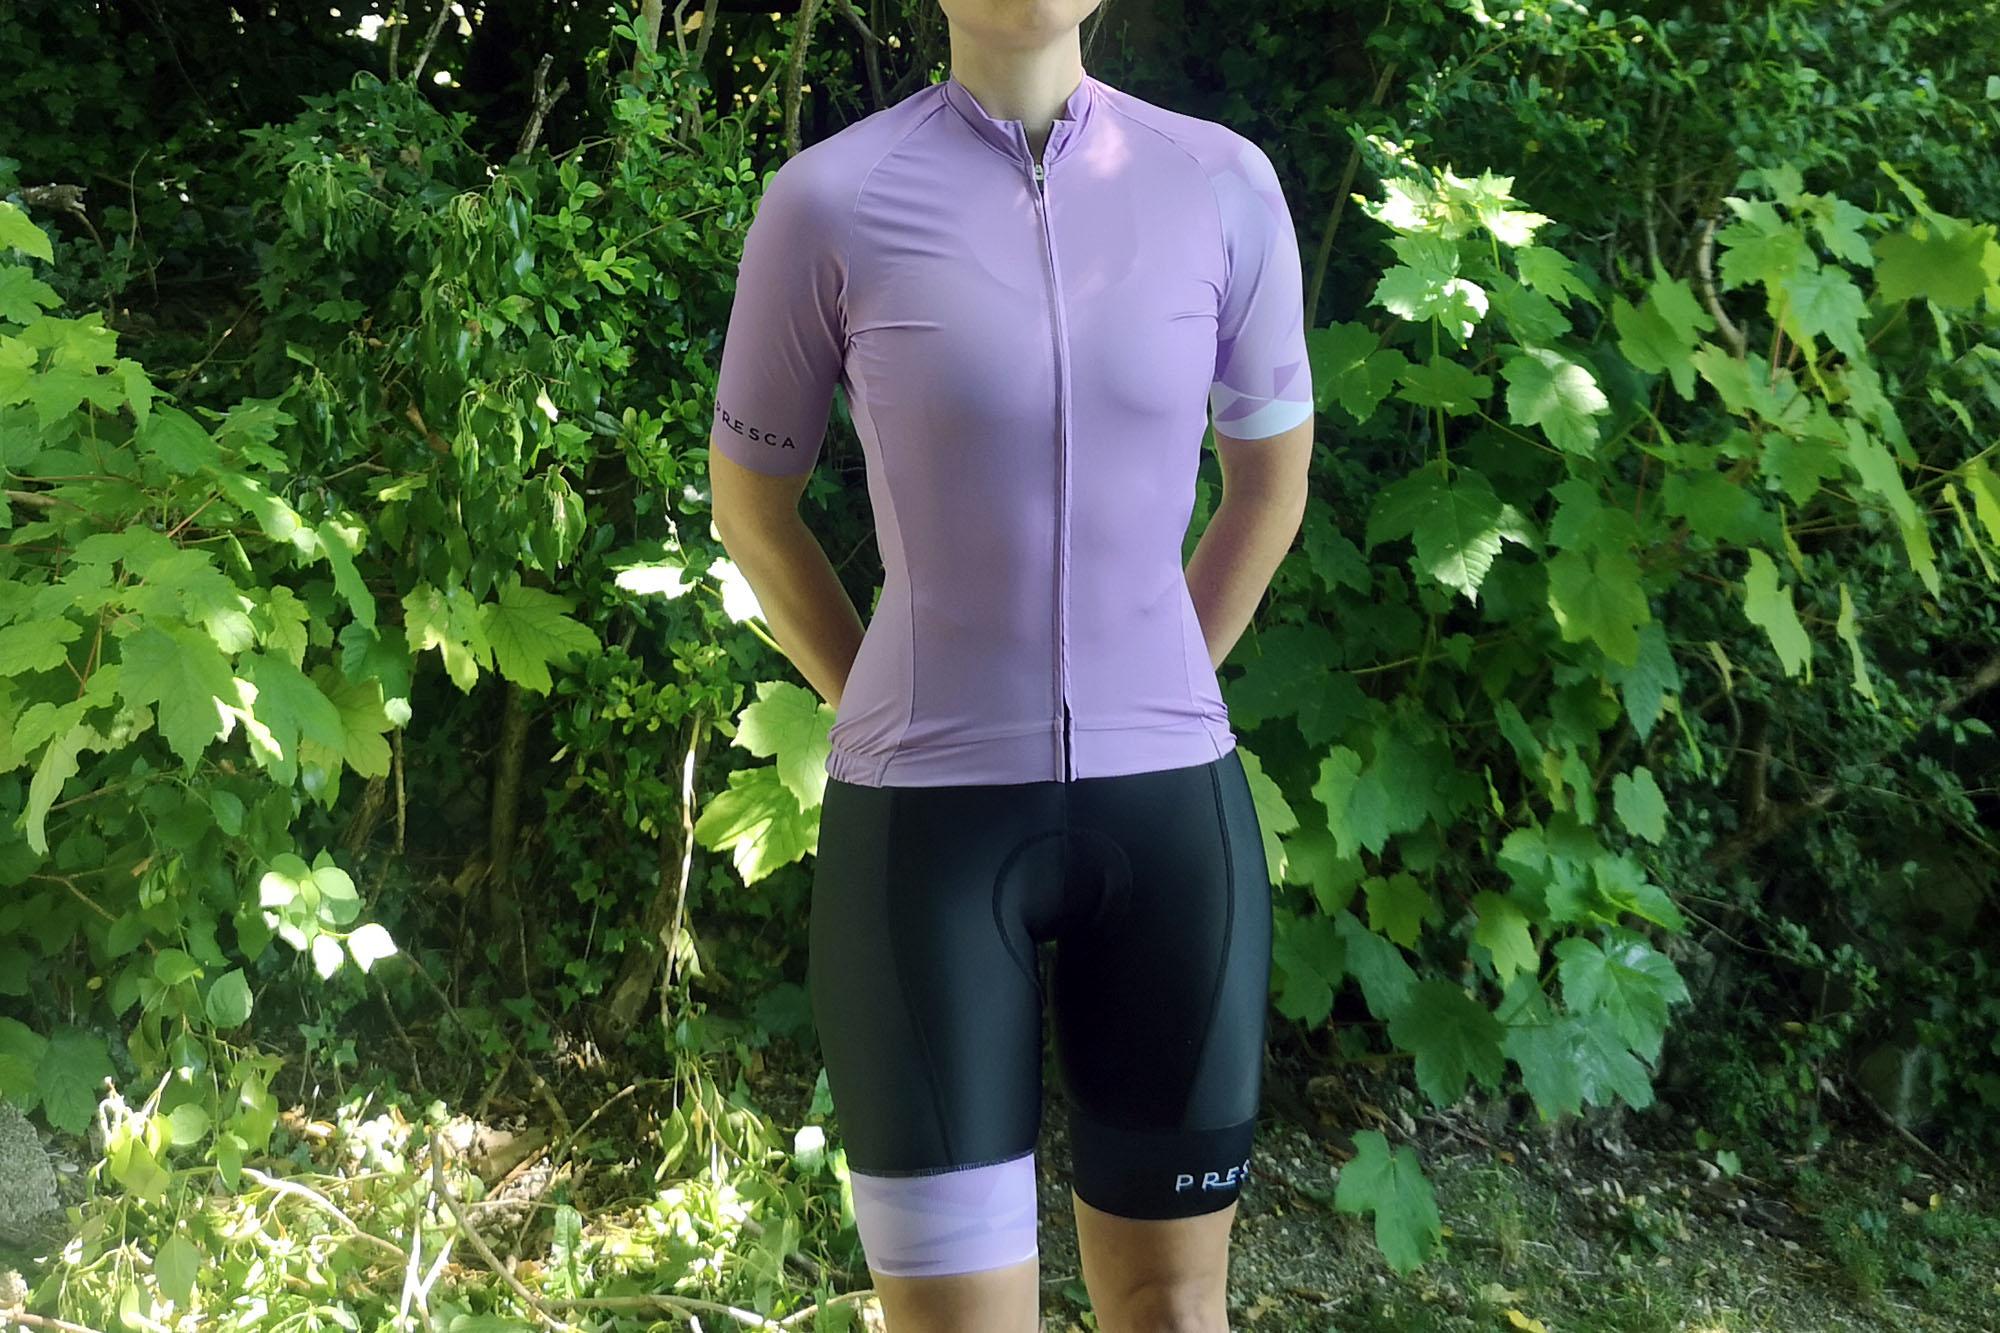 meilleures marques de vêtements de cyclisme respectueuses de l'environnement